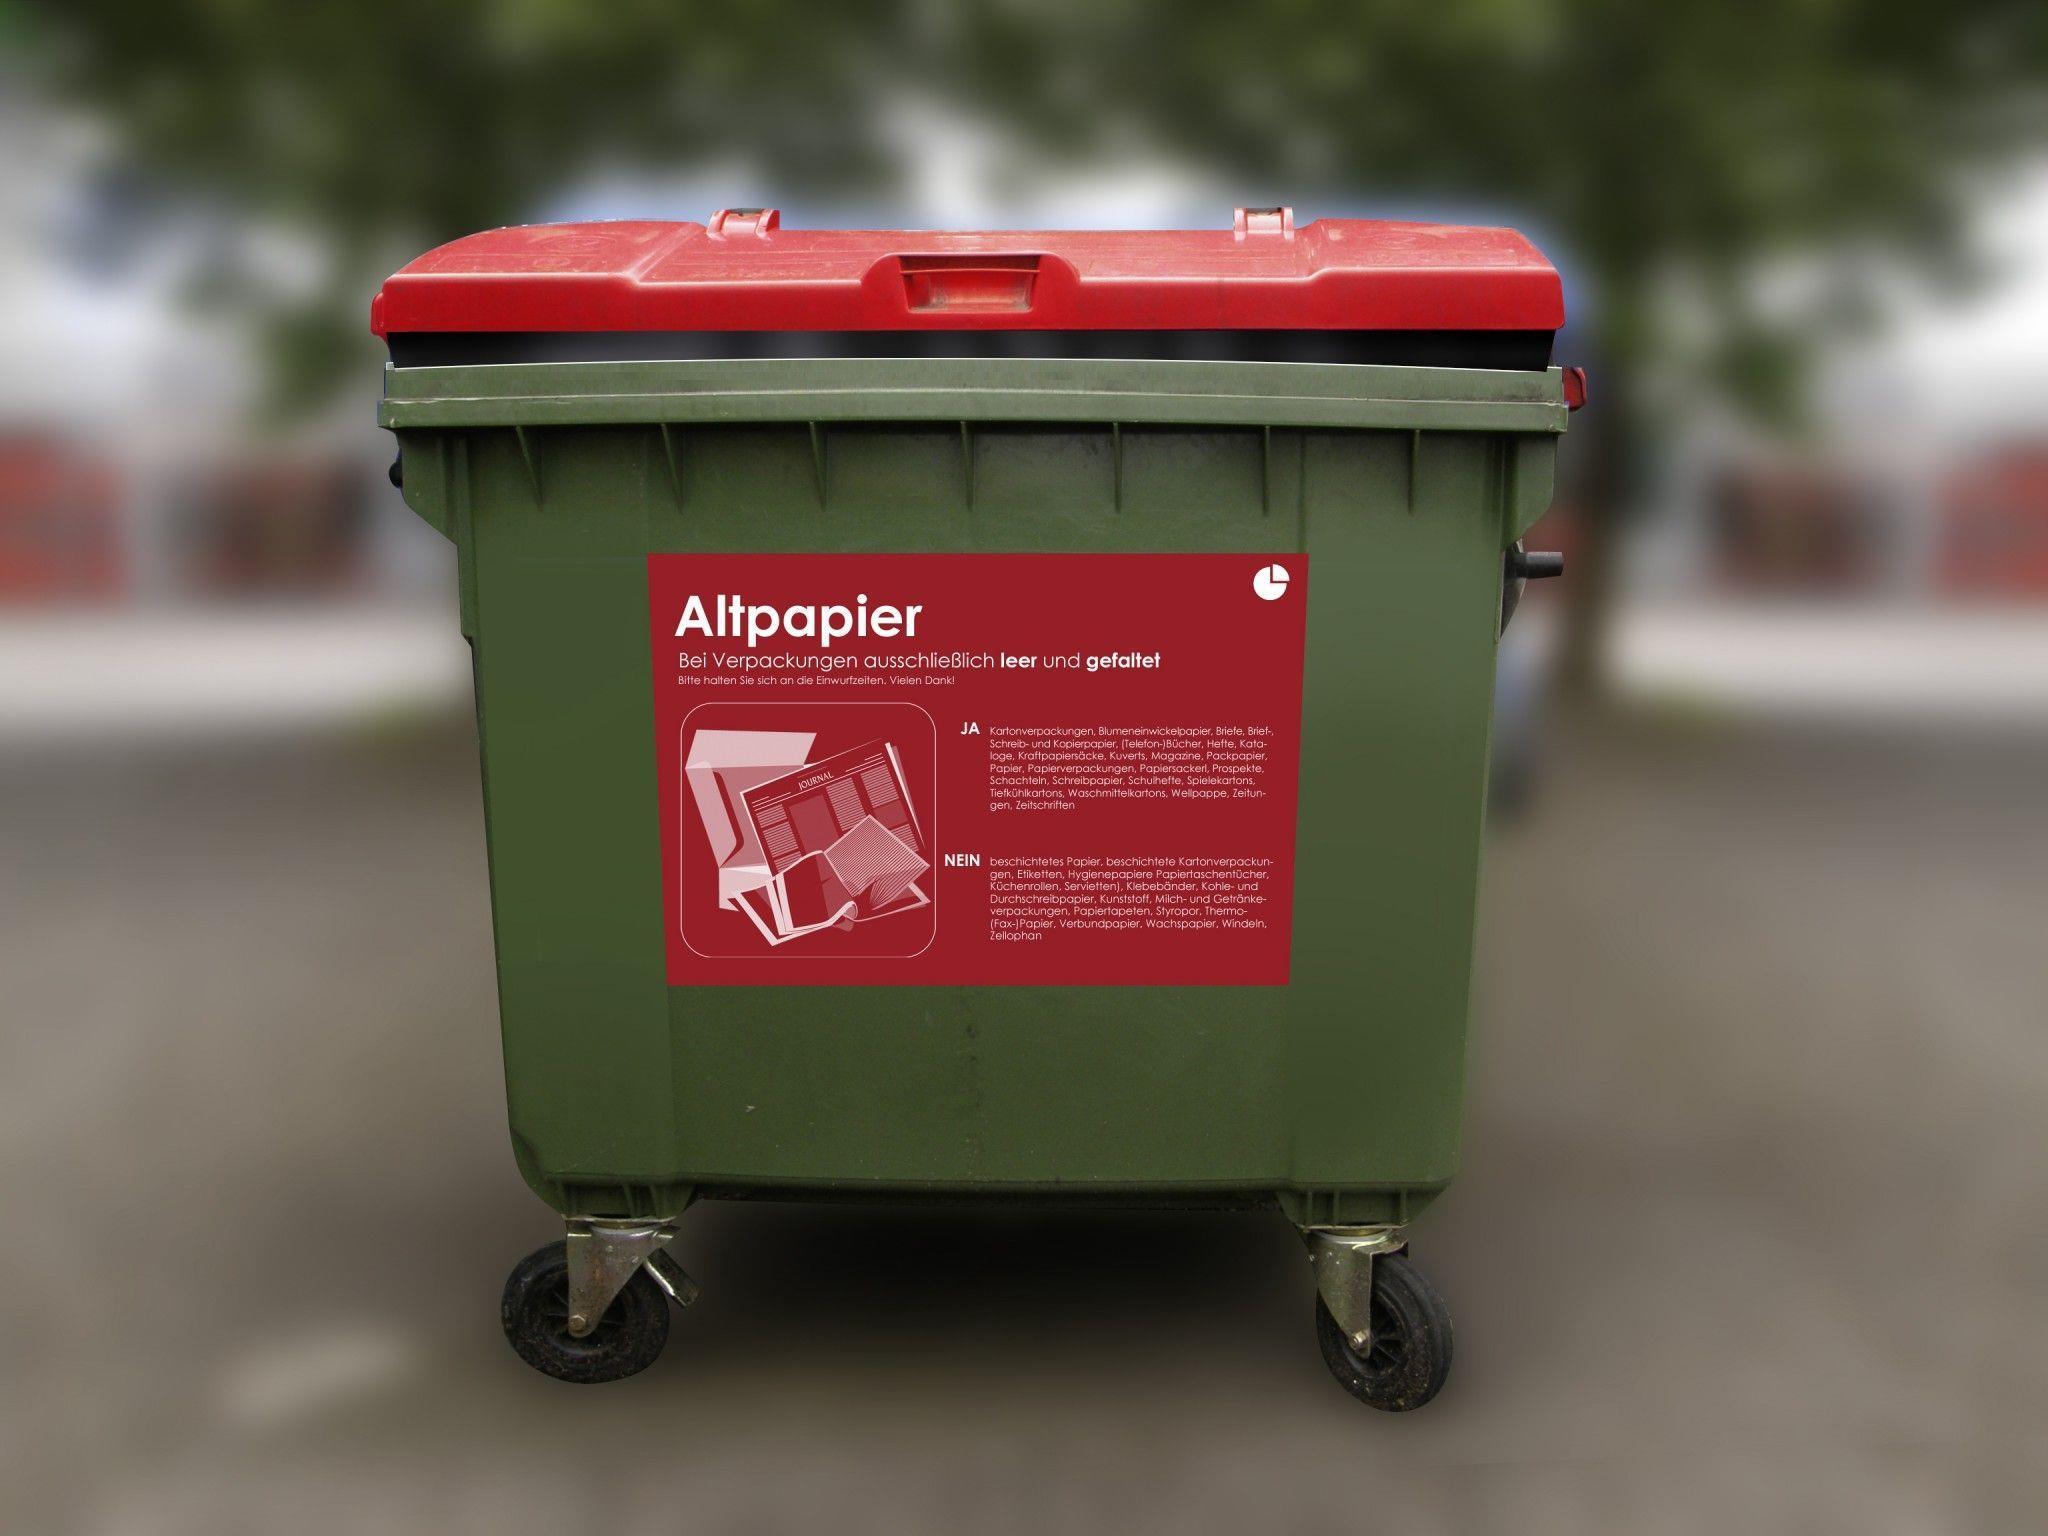 Für die Holsammlung gibt es Papiertonnenbehälter mit 240 Liter und 120 Liter Fassungsvermögen.